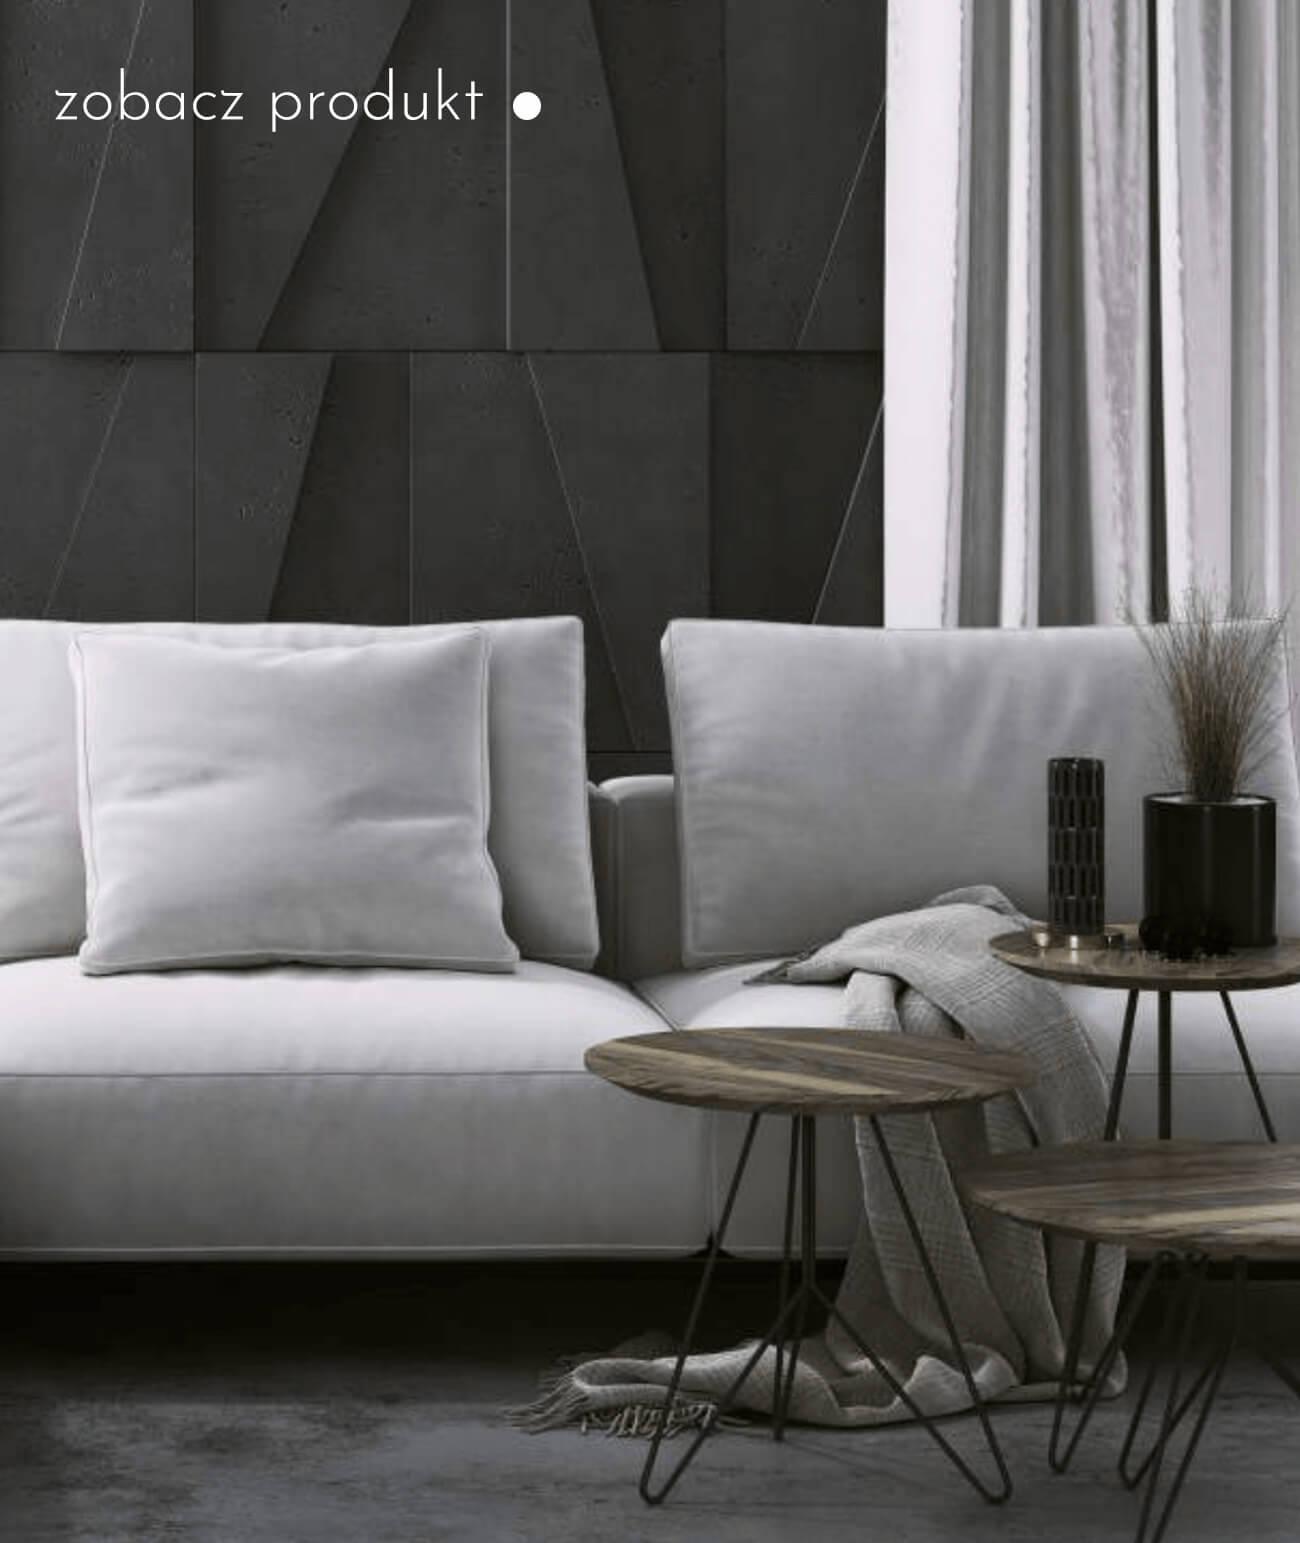 panele-betonowe-3d-scienne-i-elewacyjne-beton-architektoniczny_430-2365-pb10-b15-czarny-mozaika---panel-dekor-3d-beton-architektoniczny-panel-scienny